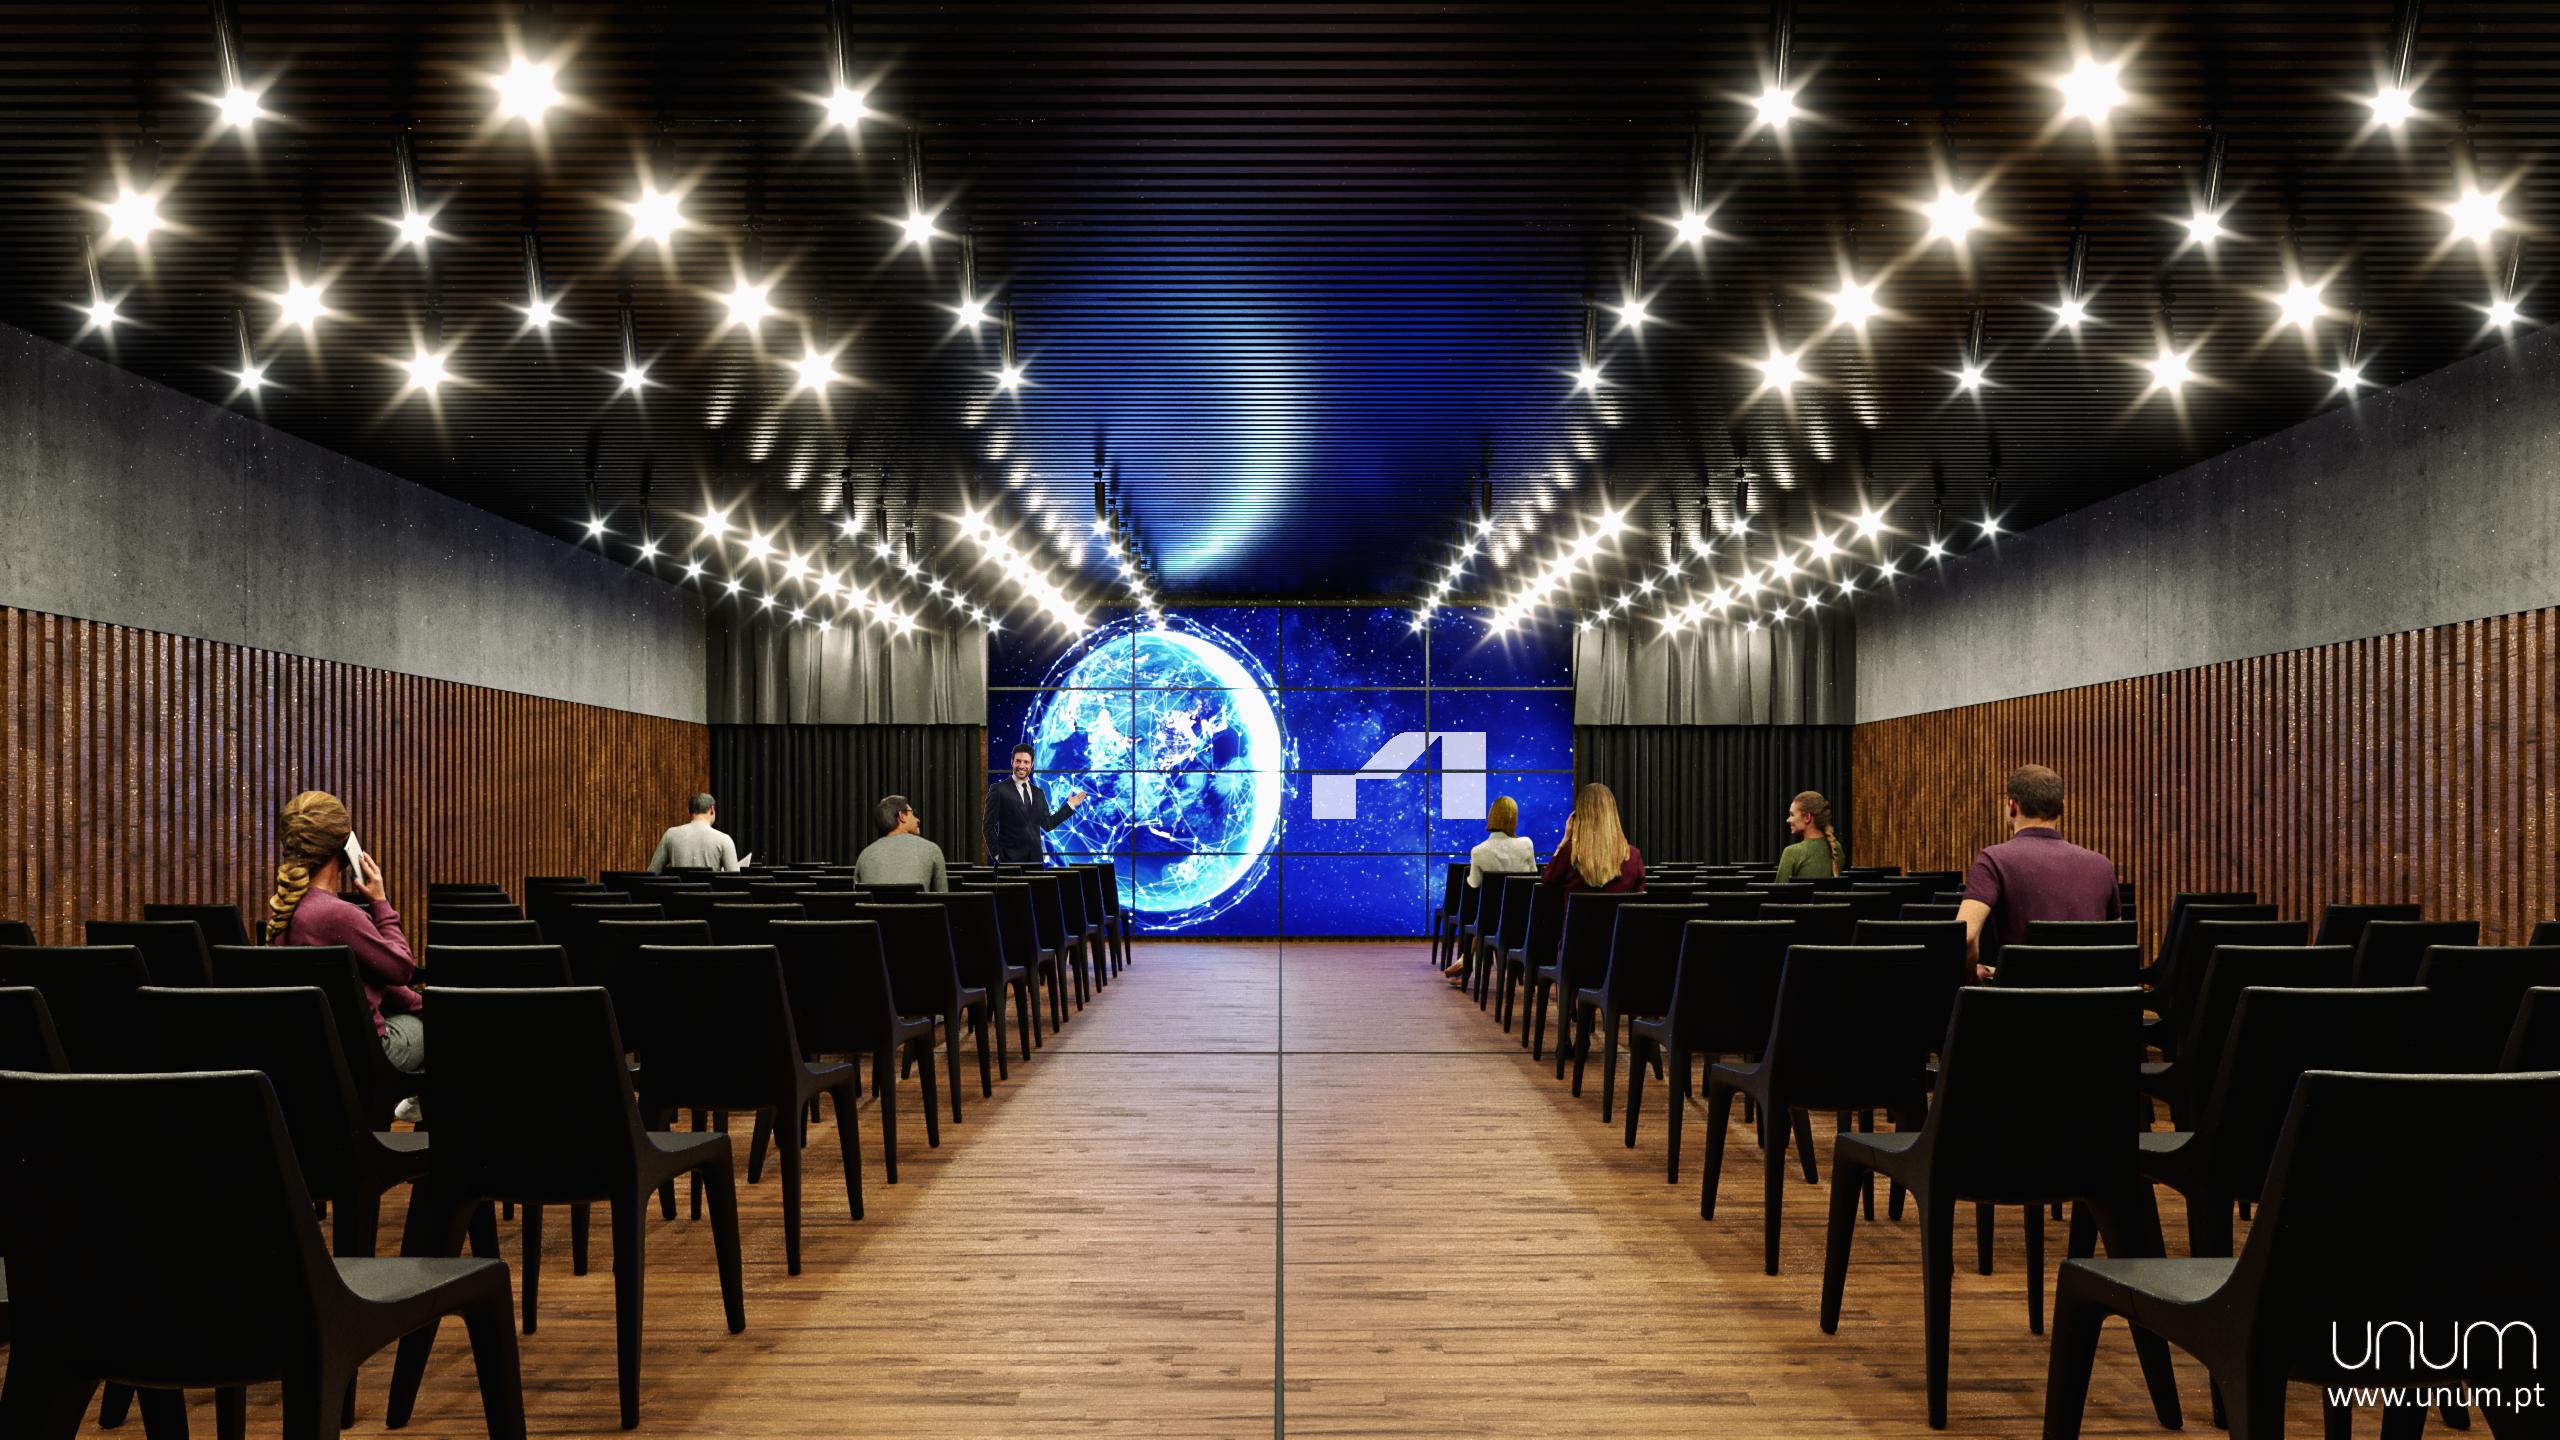 render 2 meeting room